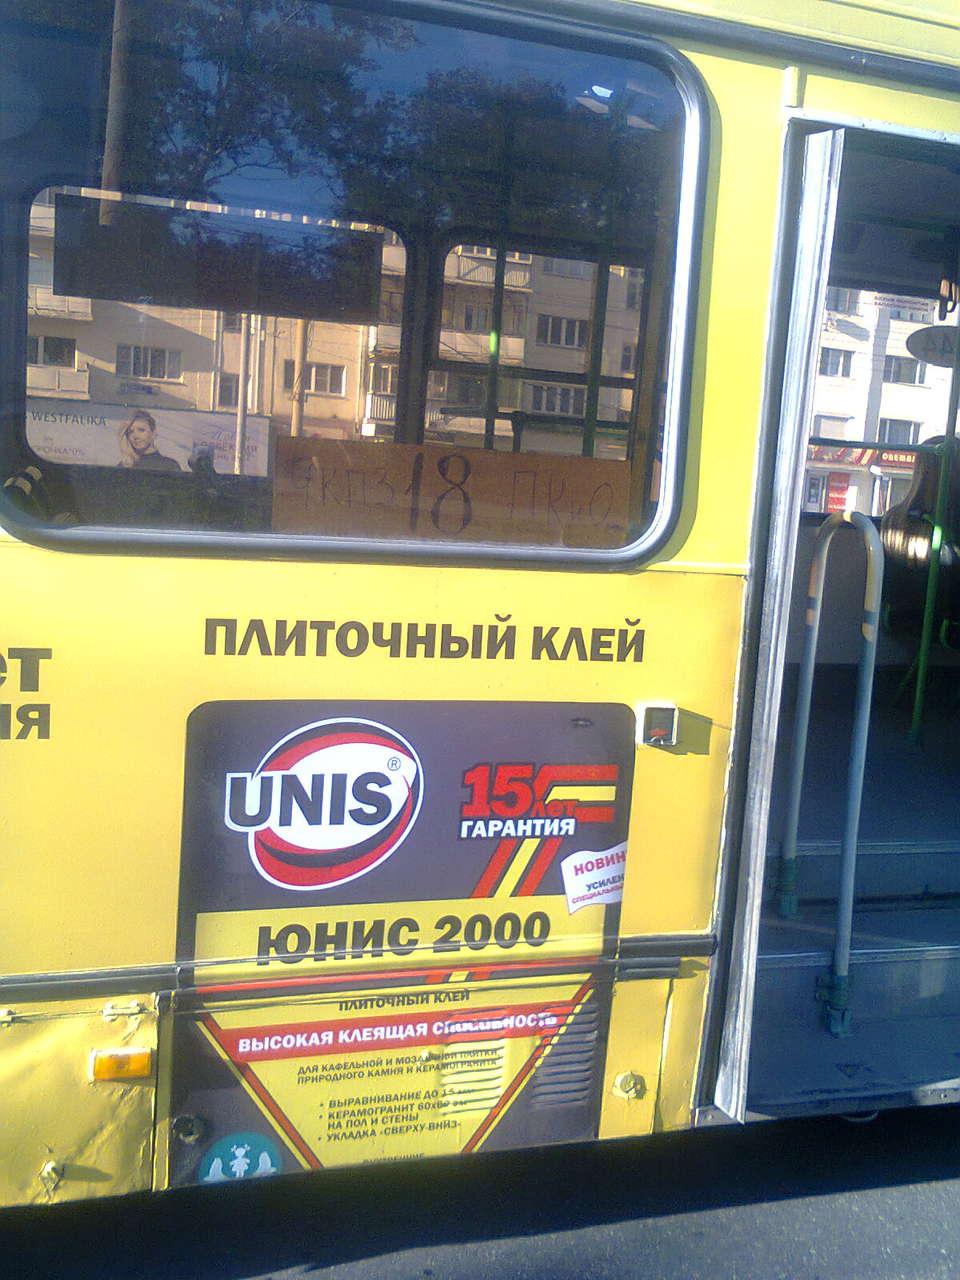 Трафареты в общественном транспорте